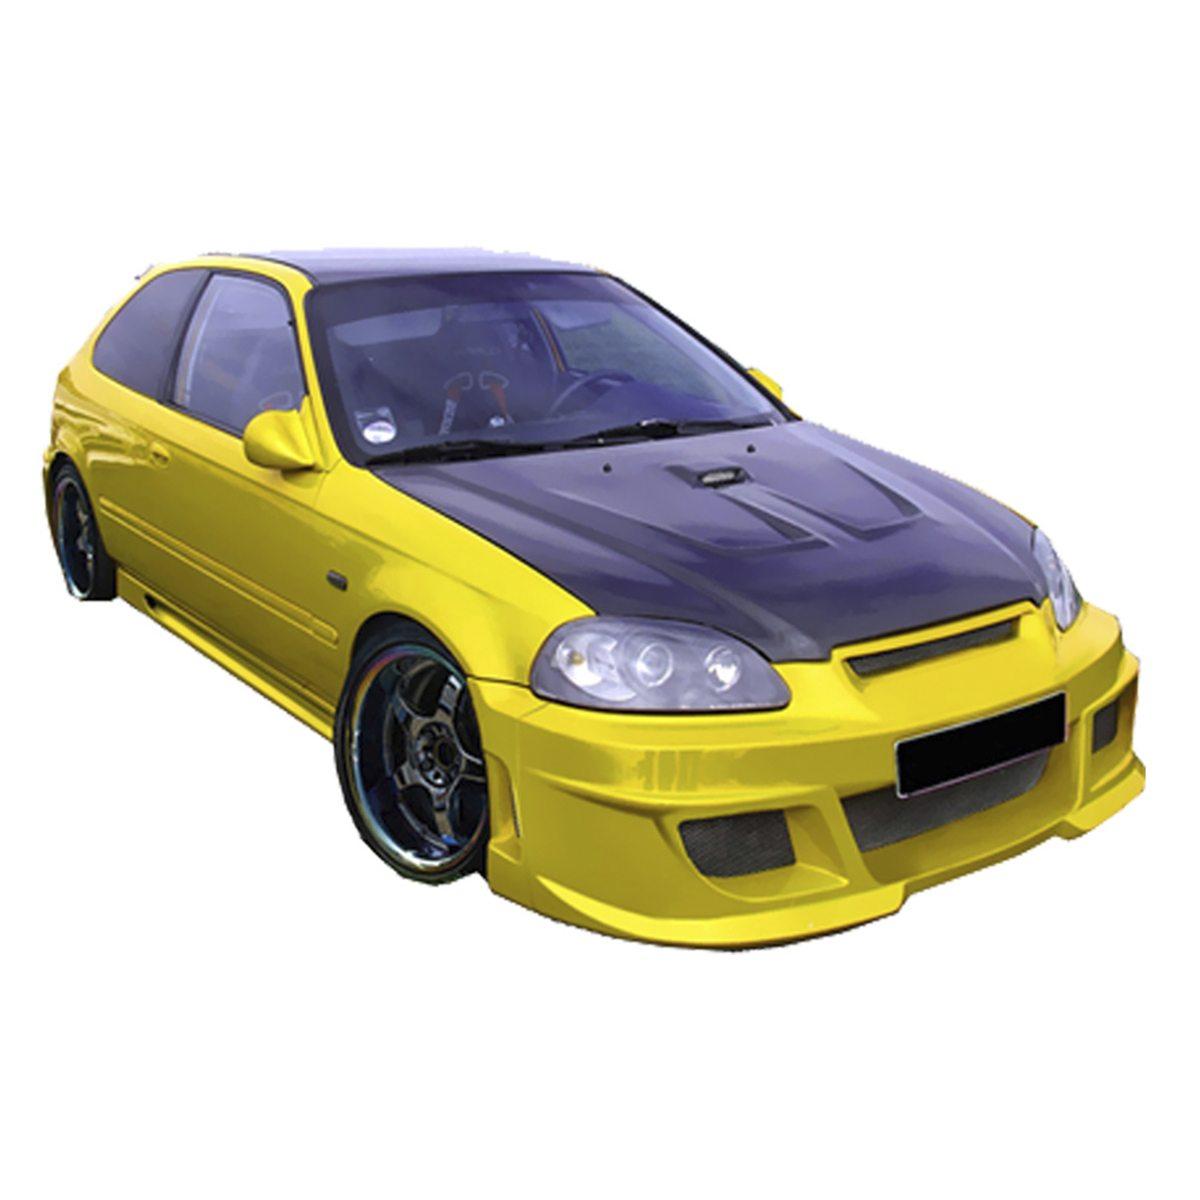 Honda-Civic-98-RXX-Frt-PCR022